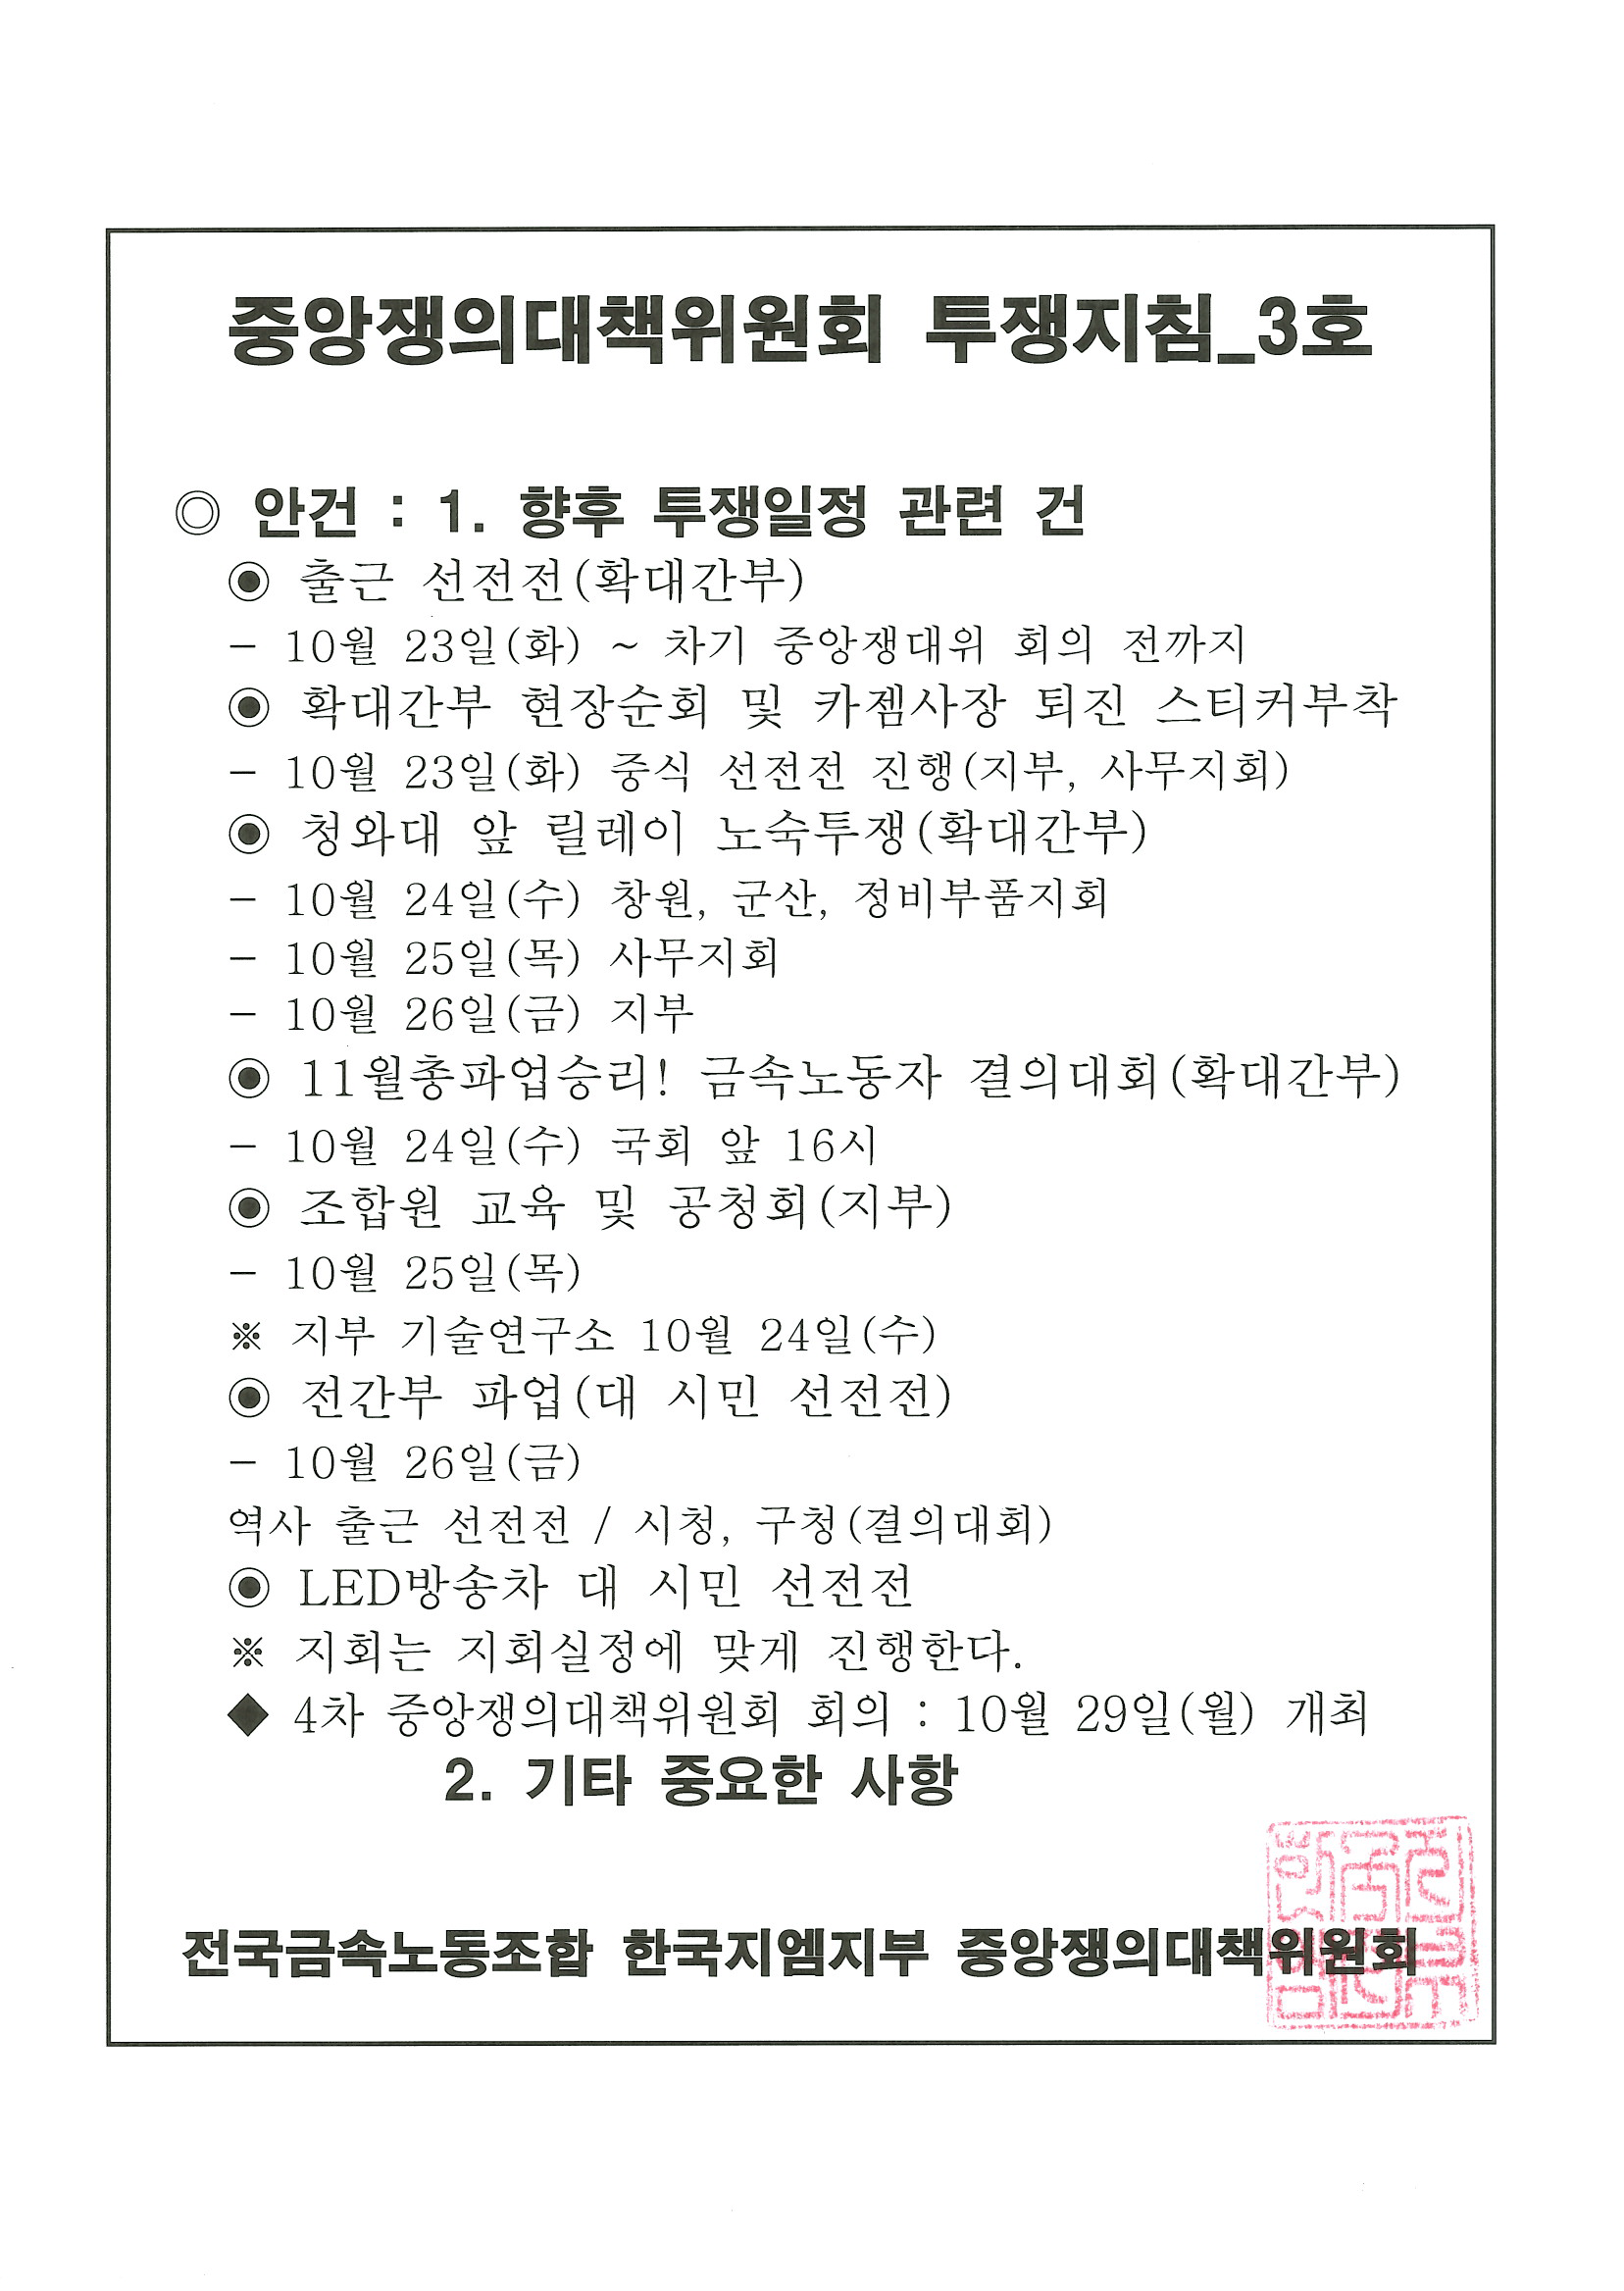 중앙쟁의대책위원회 투쟁지침3호.png